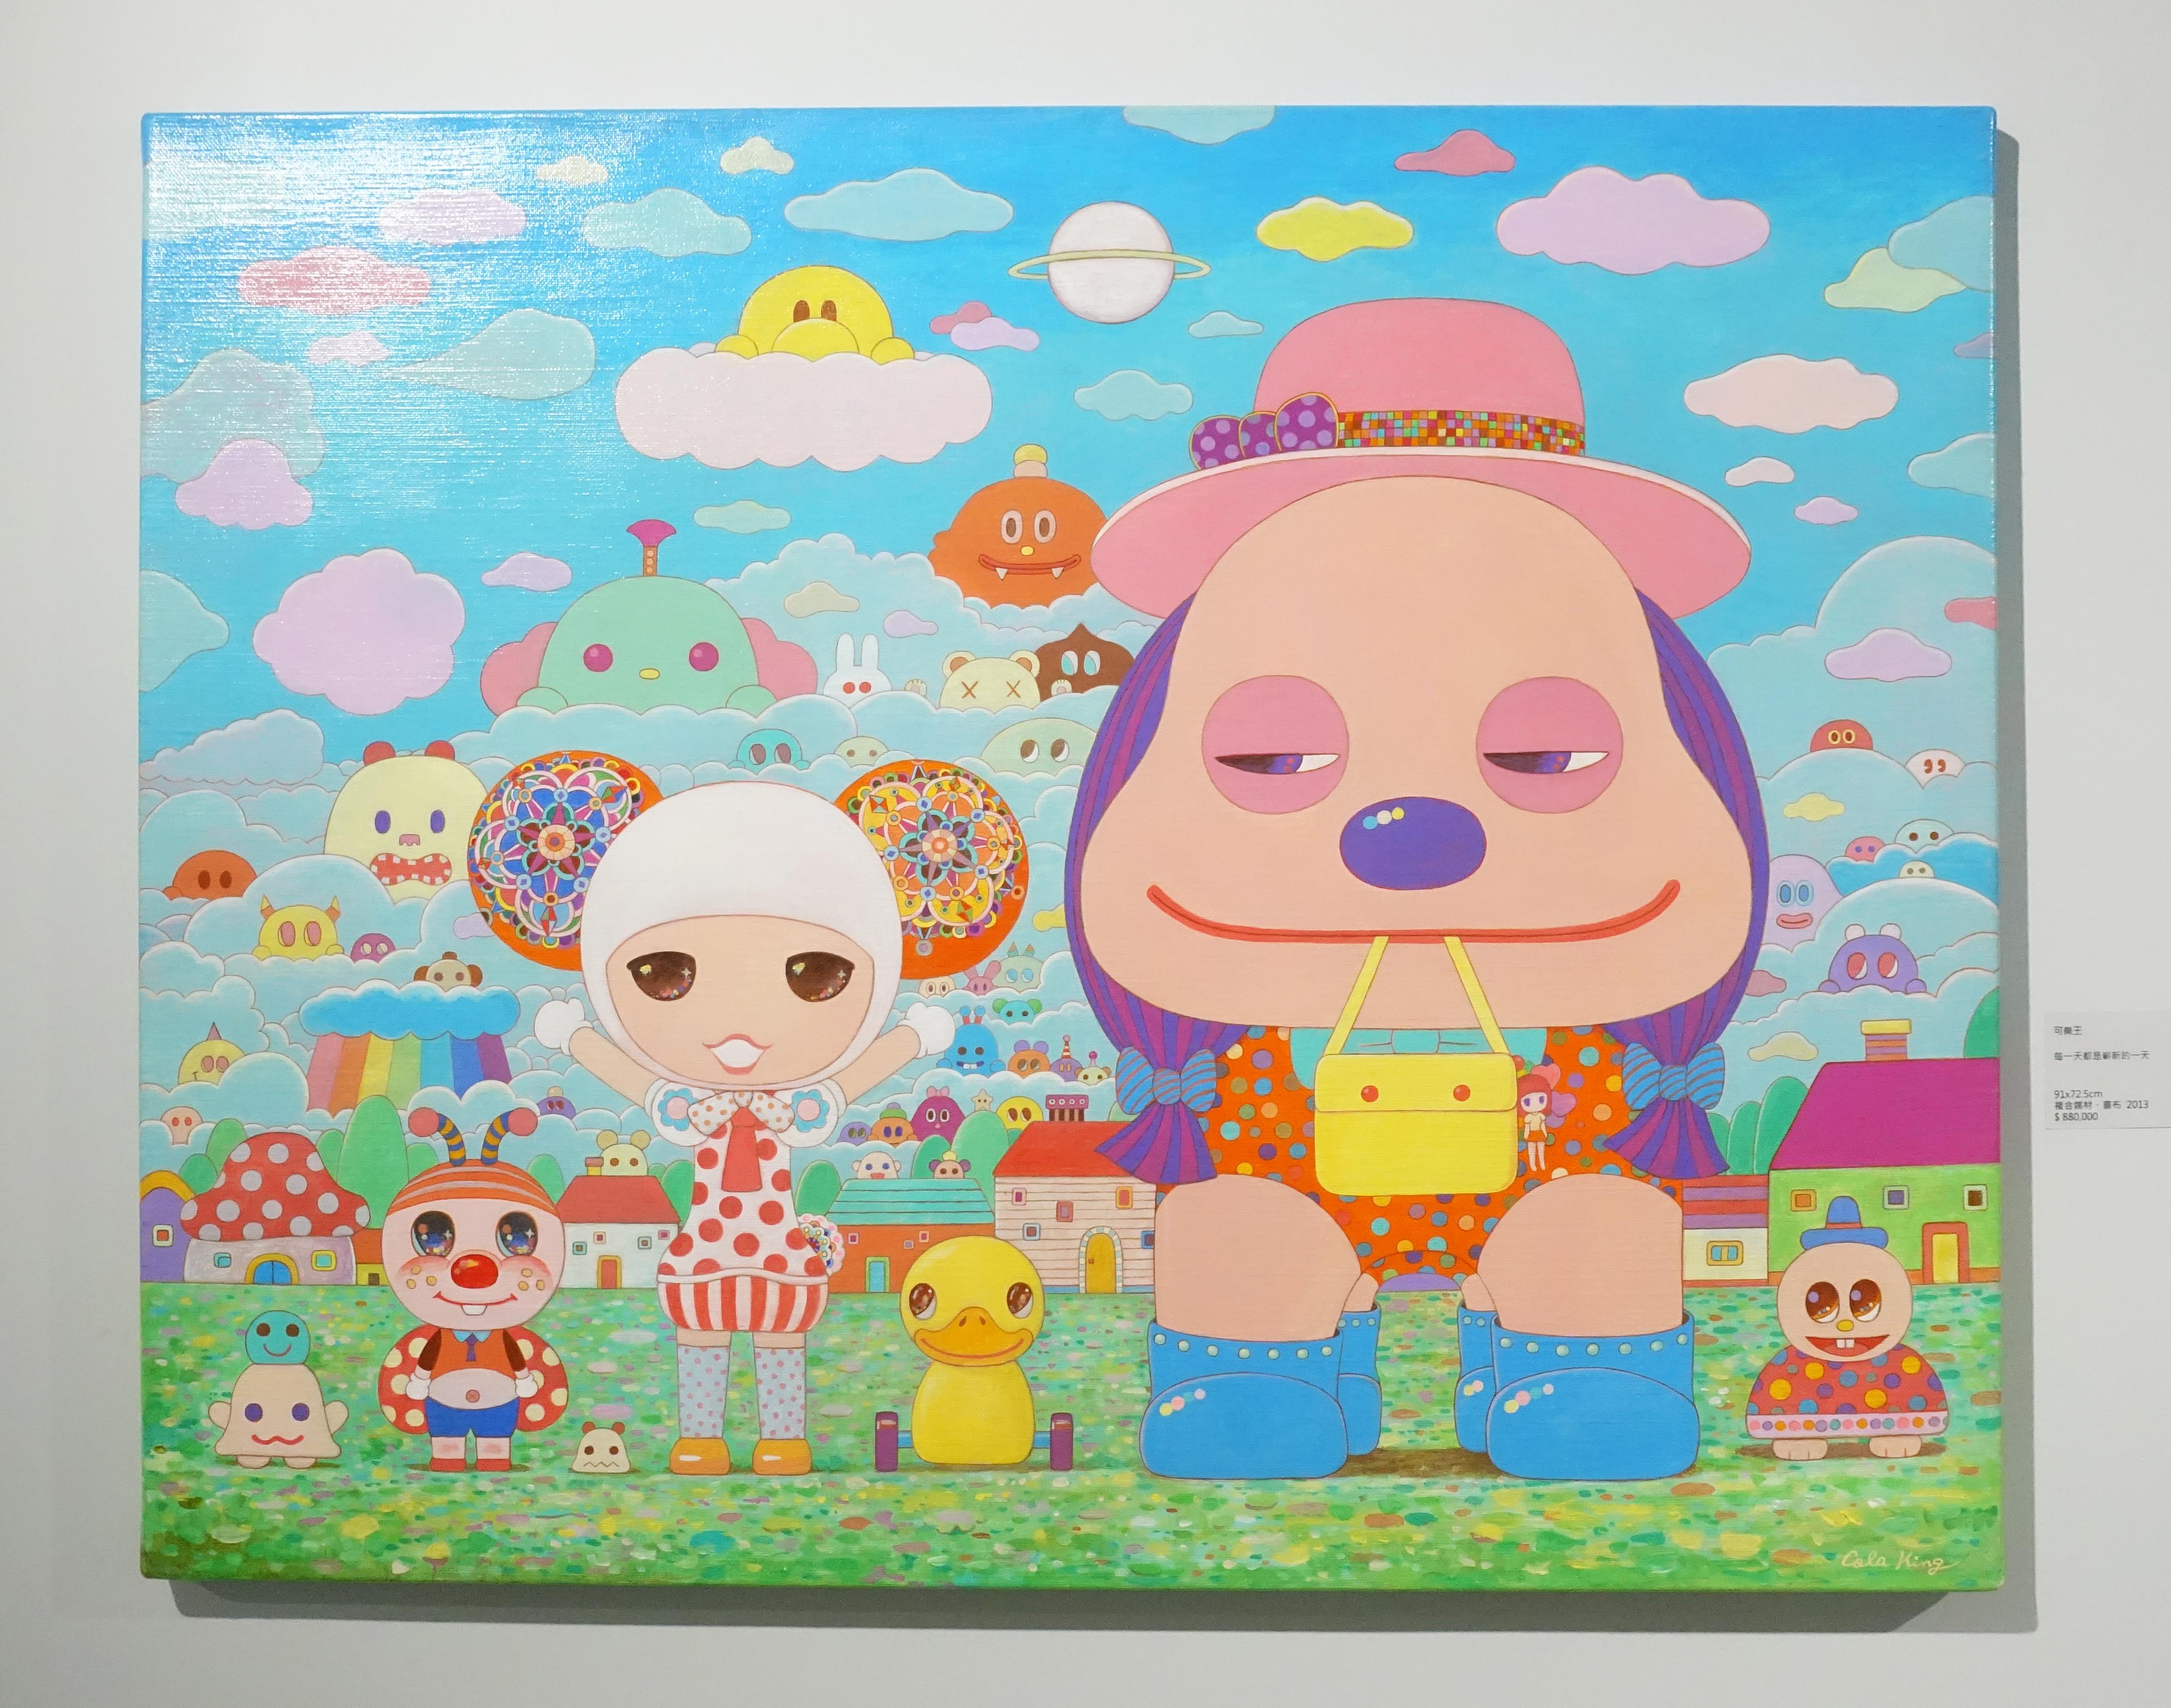 可樂王,《每一天都是嶄新的一天》,91 x 72.5 cm,複合媒材、畫布,2013。